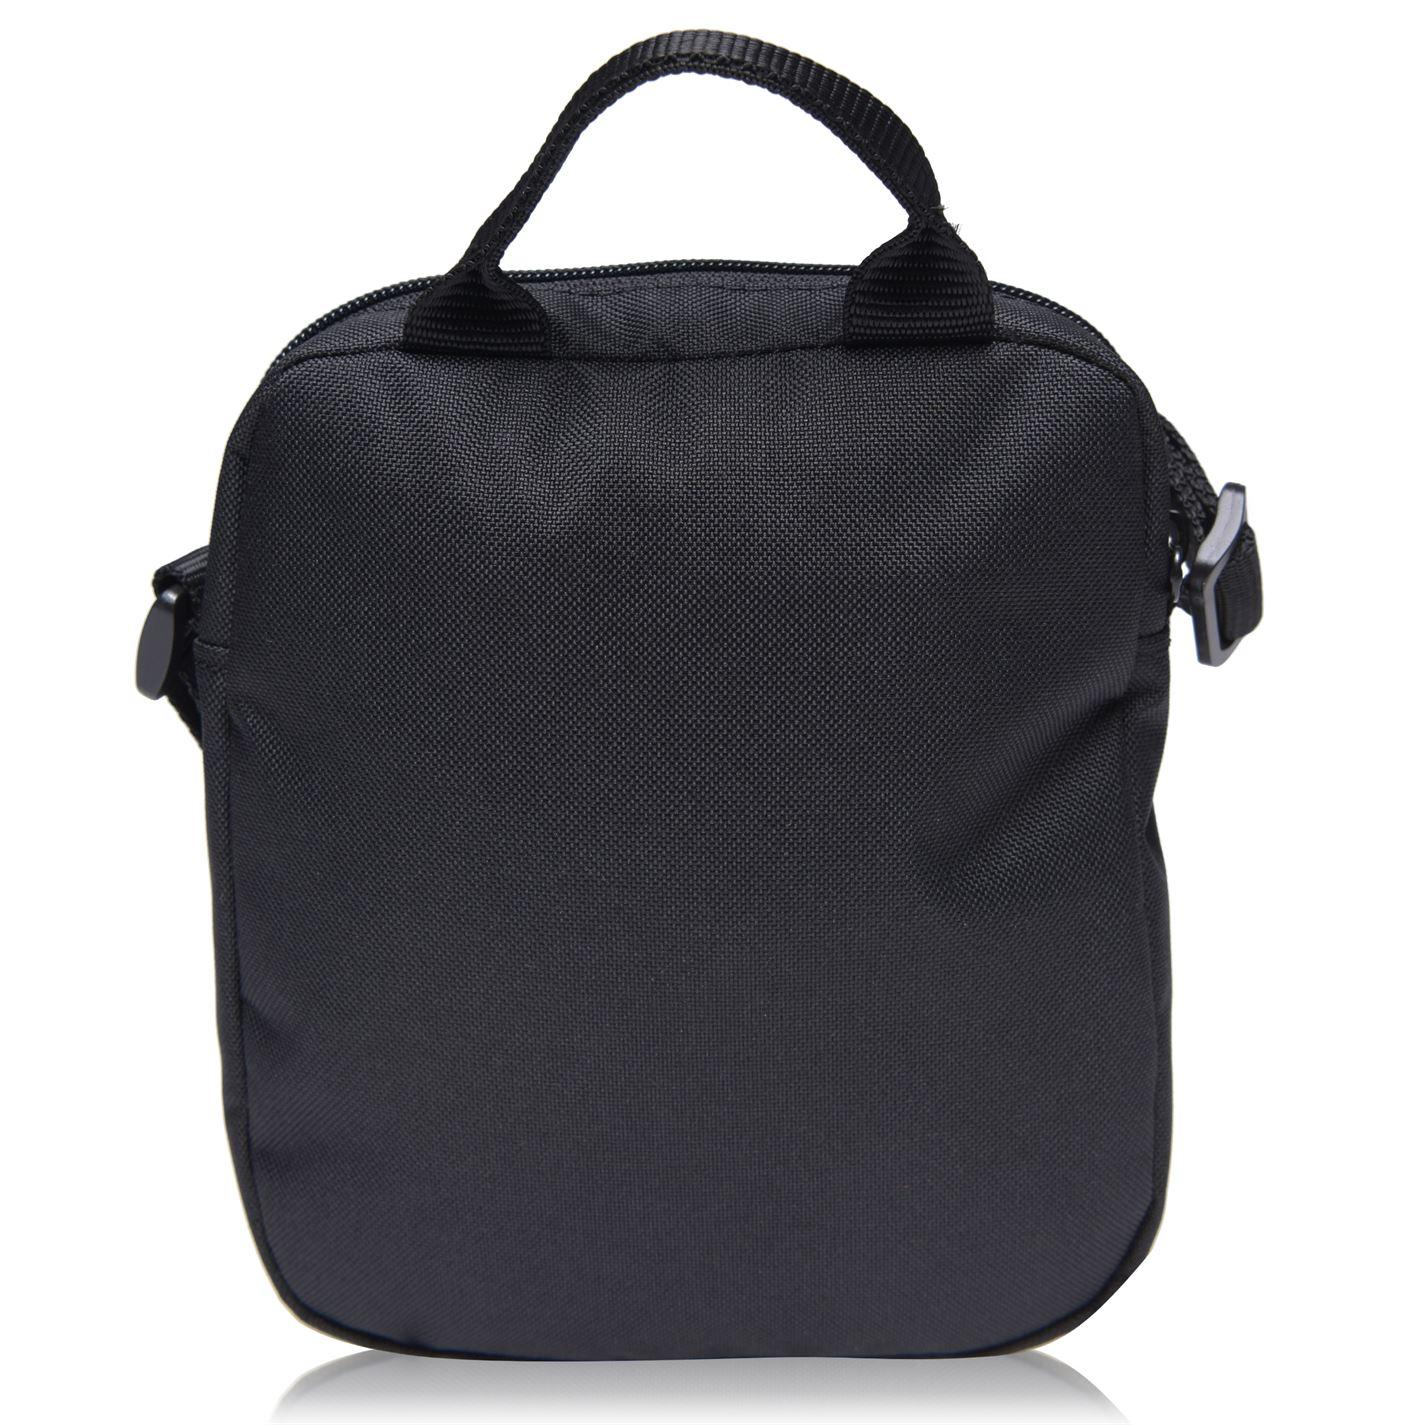 Puma No1 Gadget Bag